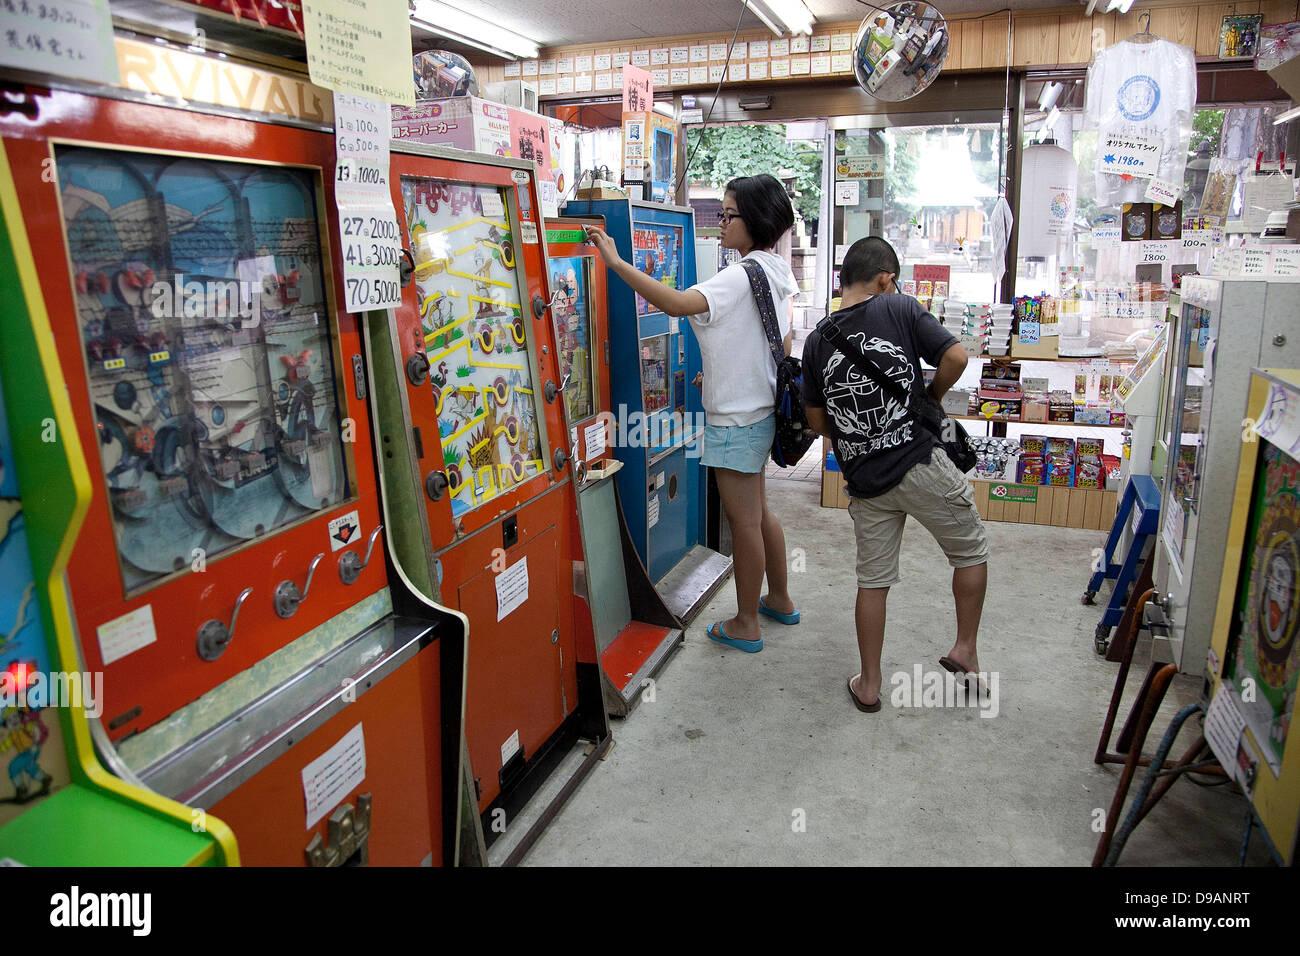 Tokio Japon Un Nino Juega Con Retro Maquinas De Juego En La